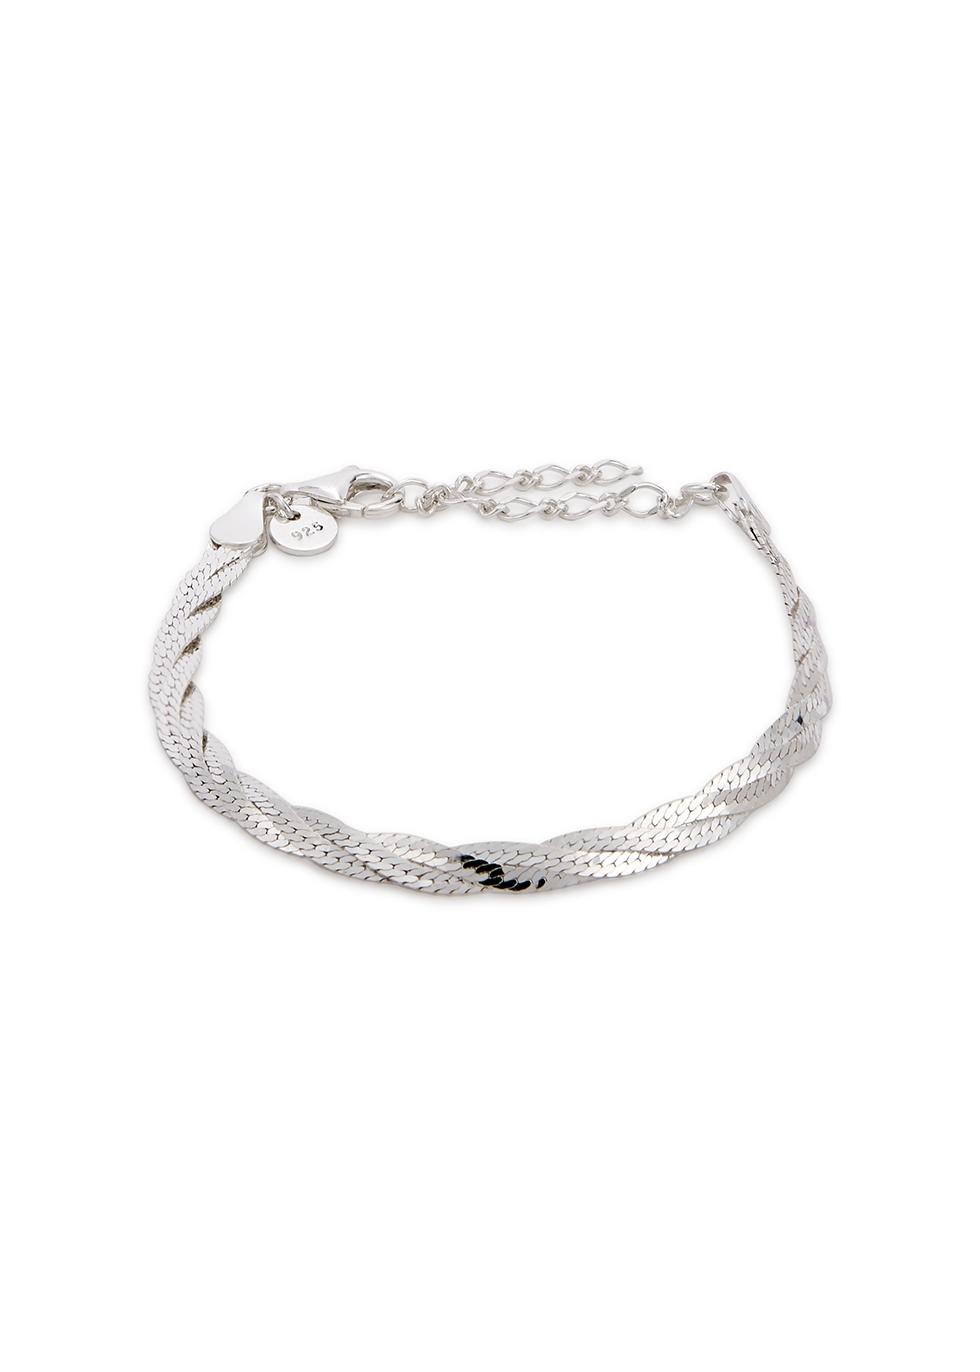 Vita sterling silver bracelet